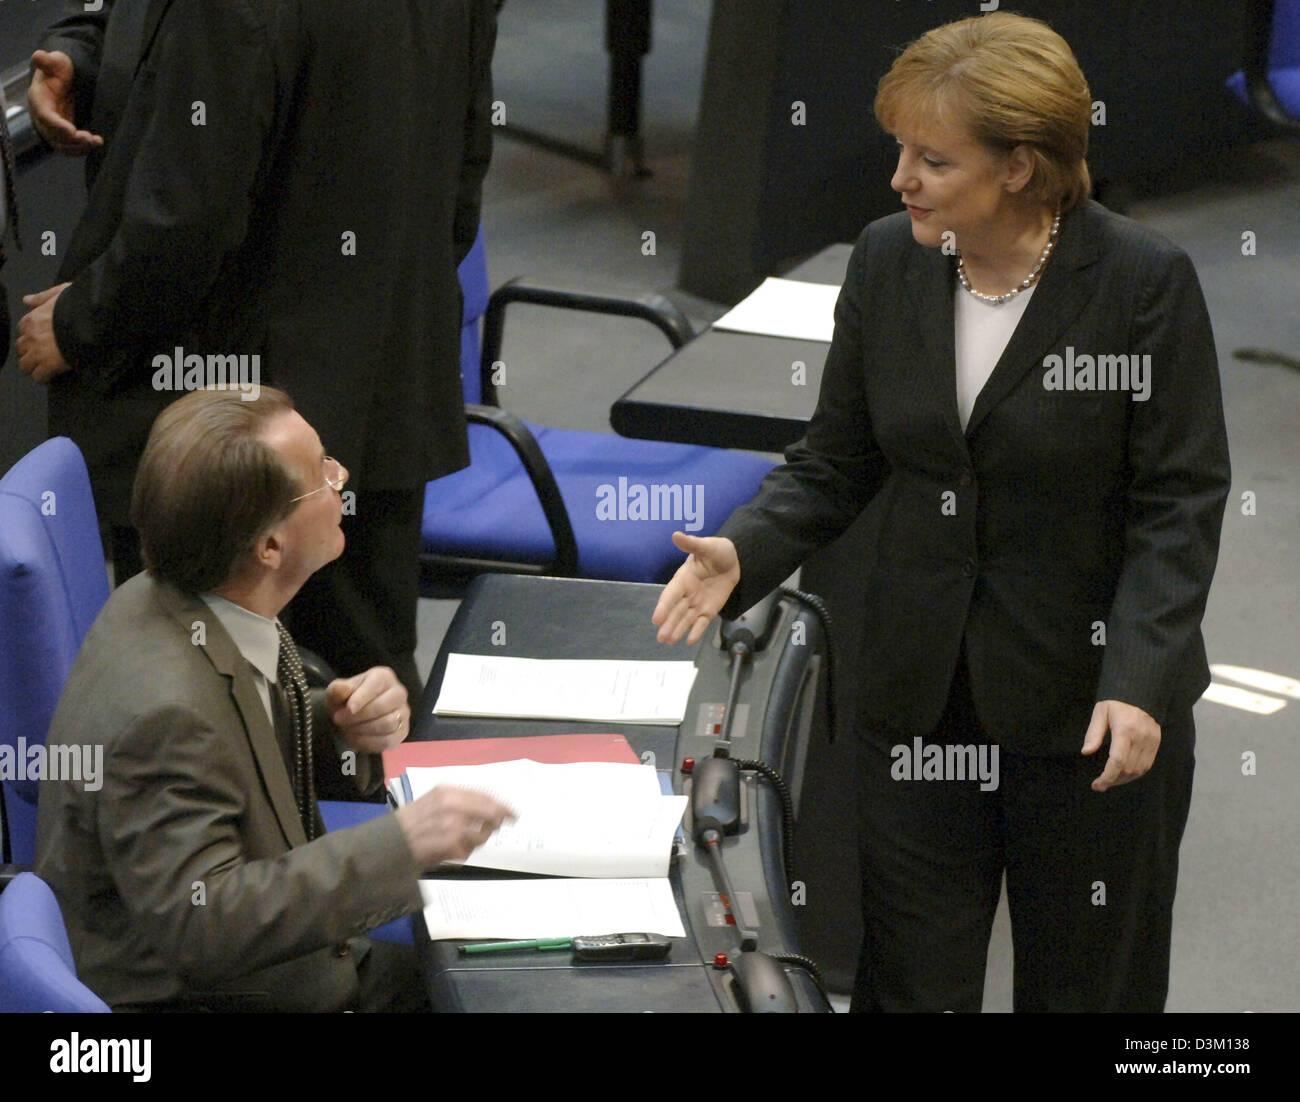 (Dpa) - Angela Merkel (R)-Führer von Deutschlands Konservative christlich demokratische Union (CDU) spricht mit Franz Muentefering, Führer der Sozialdemokraten (SPD) vor der ersten Sitzung des neu gewählten deutschen Bundestages Parlaments am Reichstag in Berlin, Dienstag, 18. Oktober 2005. Der neue Bundestag hat sich am Dienstag zum ersten Mal nach den allgemeinen Wahlen, eine neue Parl stimmen Stockfoto